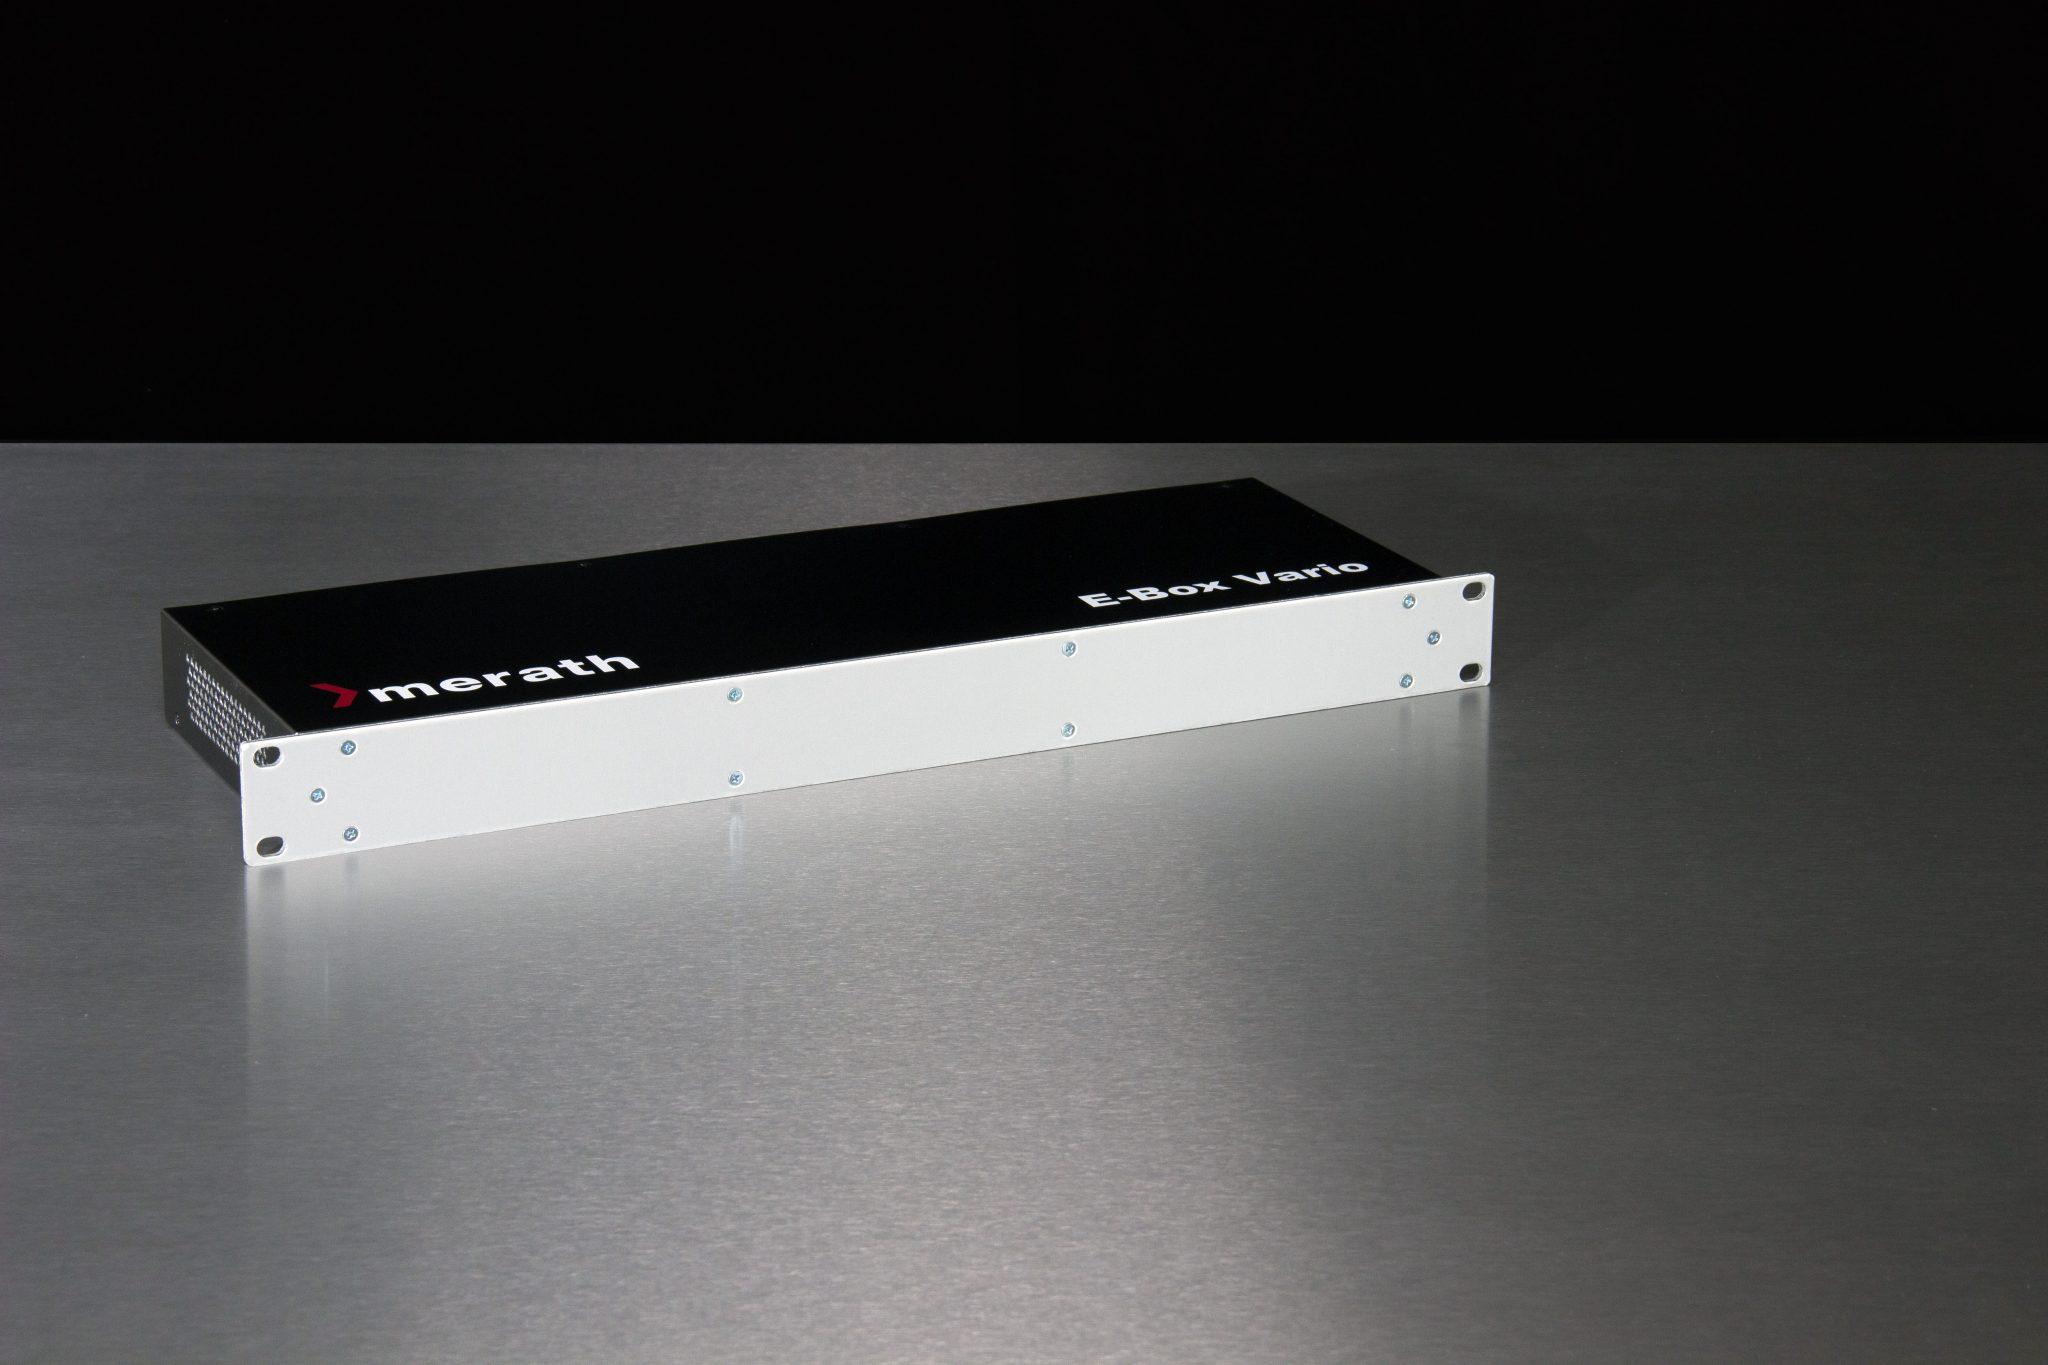 Einschubgehäuse mit Front aus blankem Stahl und sichtbaren Verschraubungen vor schwarzem Hintergrund.